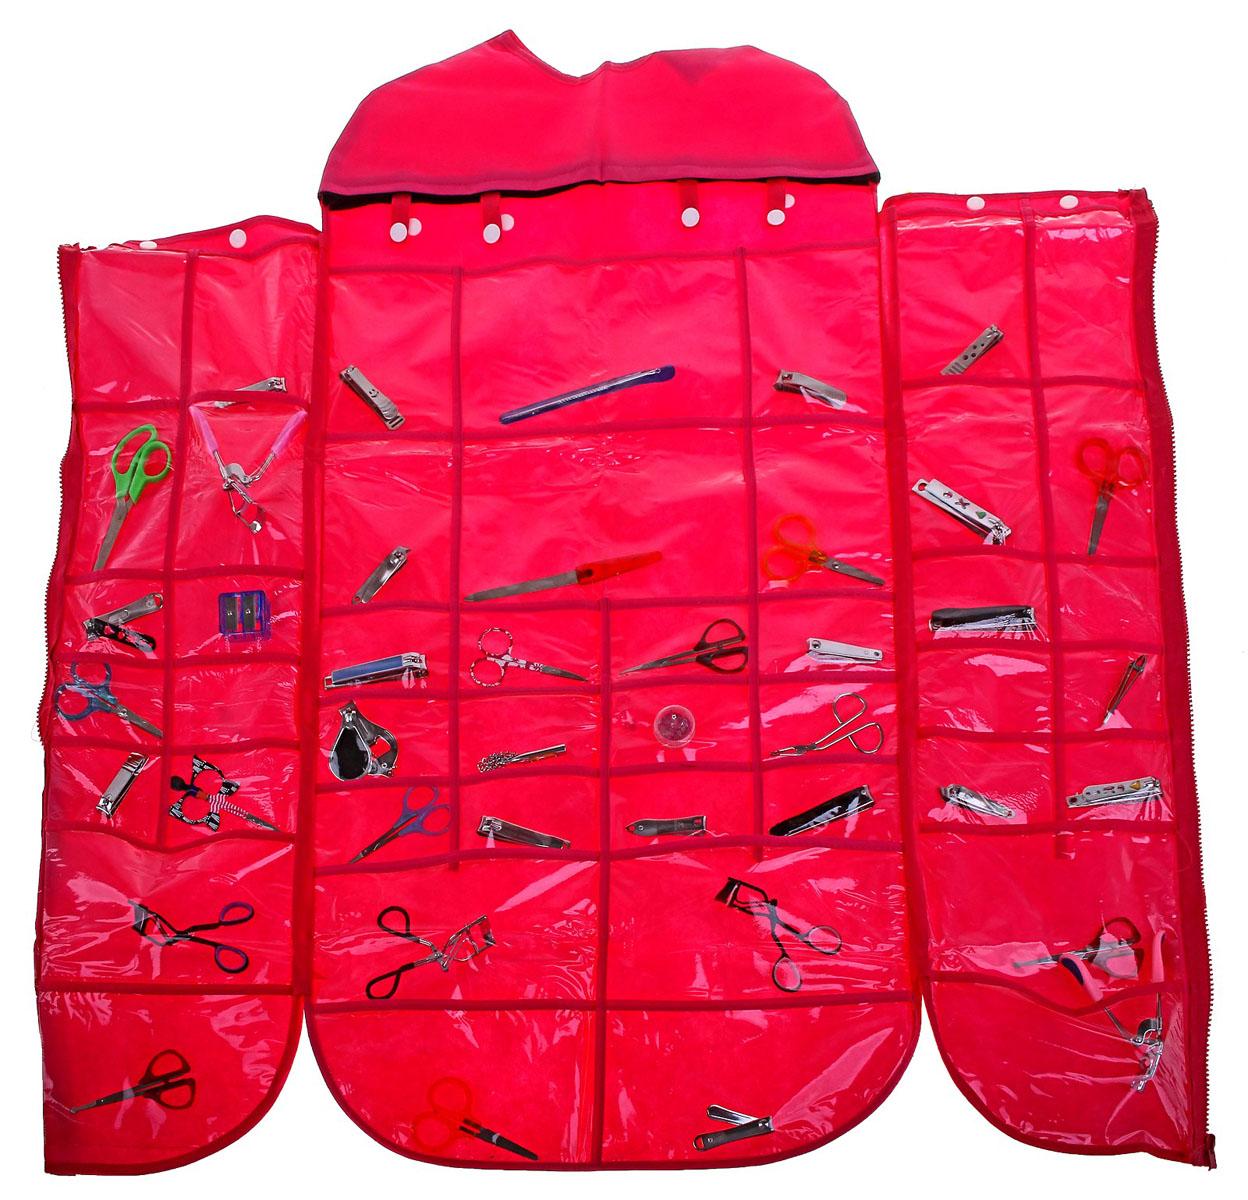 Органайзер для хранения вещей Sima-land, цвет: розовый, 46 отделений710523Органайзер Sima-land, изготовленный из ПВХ и текстиля, предназначен для хранения необходимых вещей, множества мелочей в гардеробной, ванной, детской комнатах. Изделие оснащено застежкой-молнией и 46 прозрачными карманами разного размера и формы, пришитыми к текстильному полотну. Органайзер можно повесить в любом удобном для вас месте с помощью вешалки. Этот нужный предмет может стать одновременно и декоративным элементом комнаты. Яркий дизайн, как ничто иное, способен оживить интерьер вашего дома. Размер самого большого отделения: 22 см х 13,5 см. Размер самого маленького отделения: 8,5 см х 6,5 см.